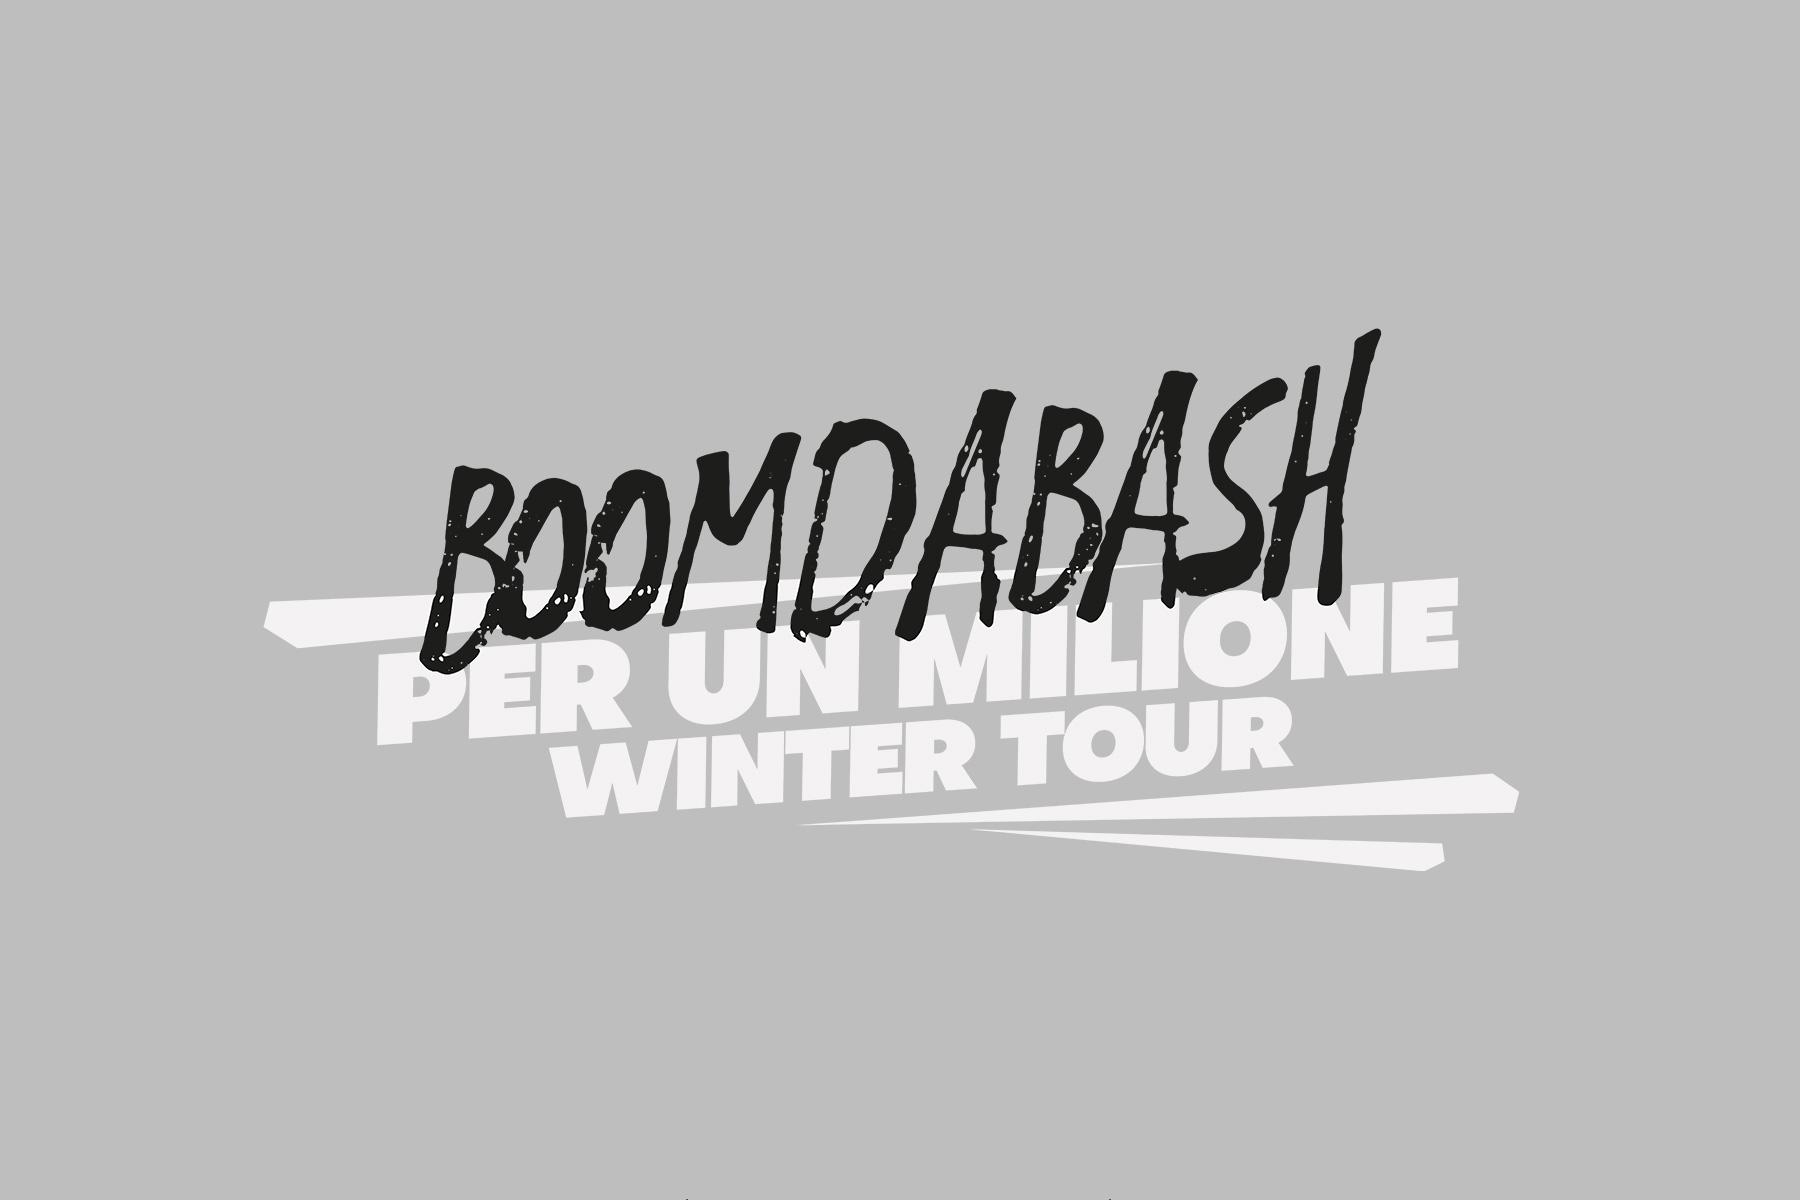 post-boomdabash-per-un-milione-winter-tour-giulio-guarini_01